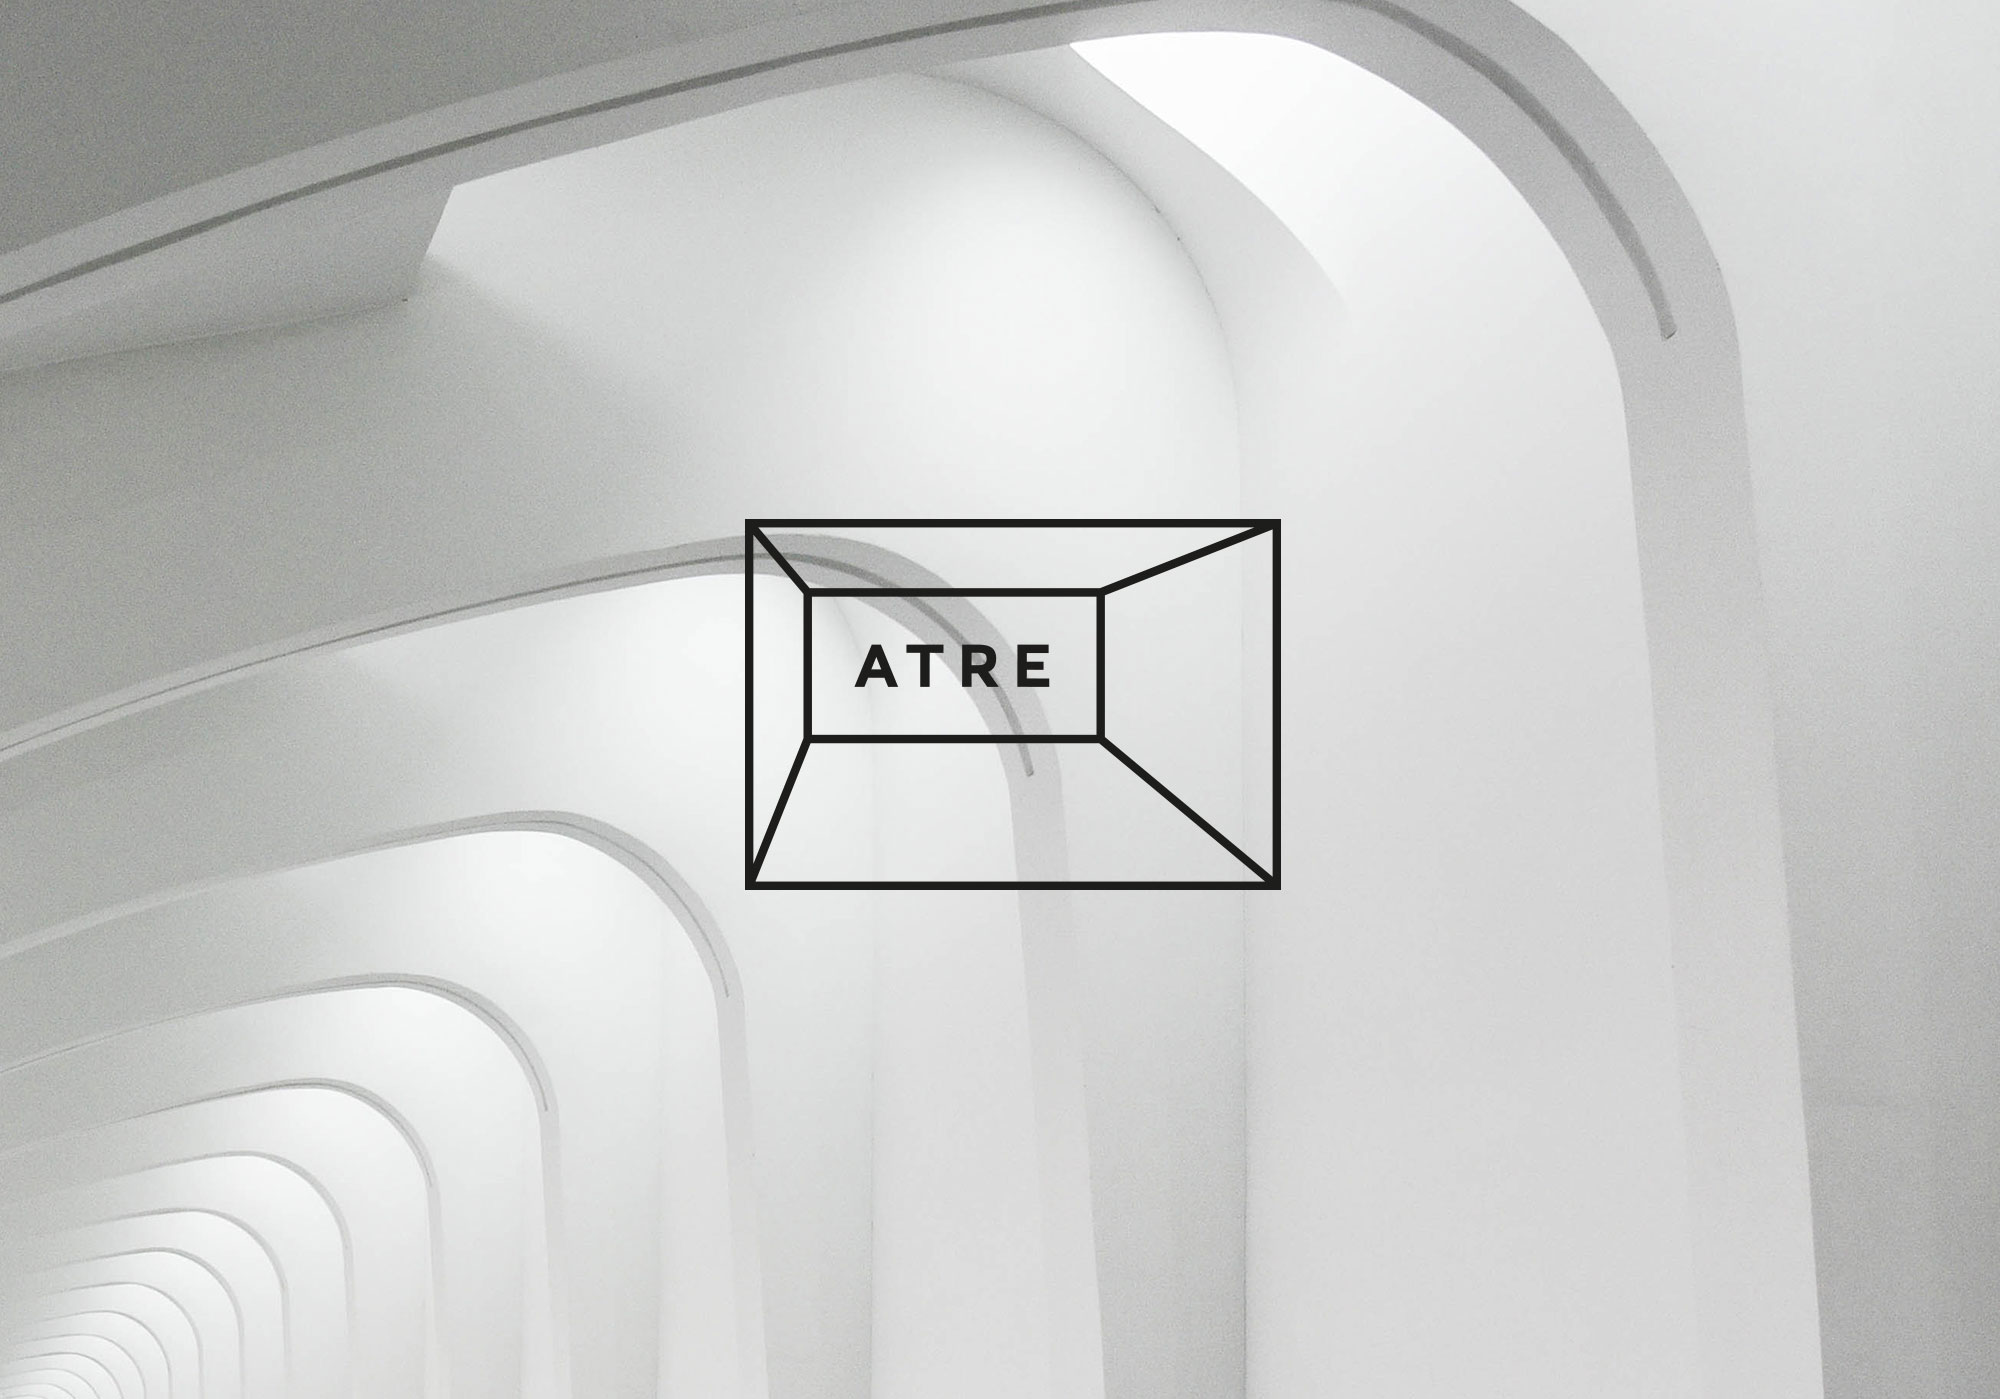 atre_site2